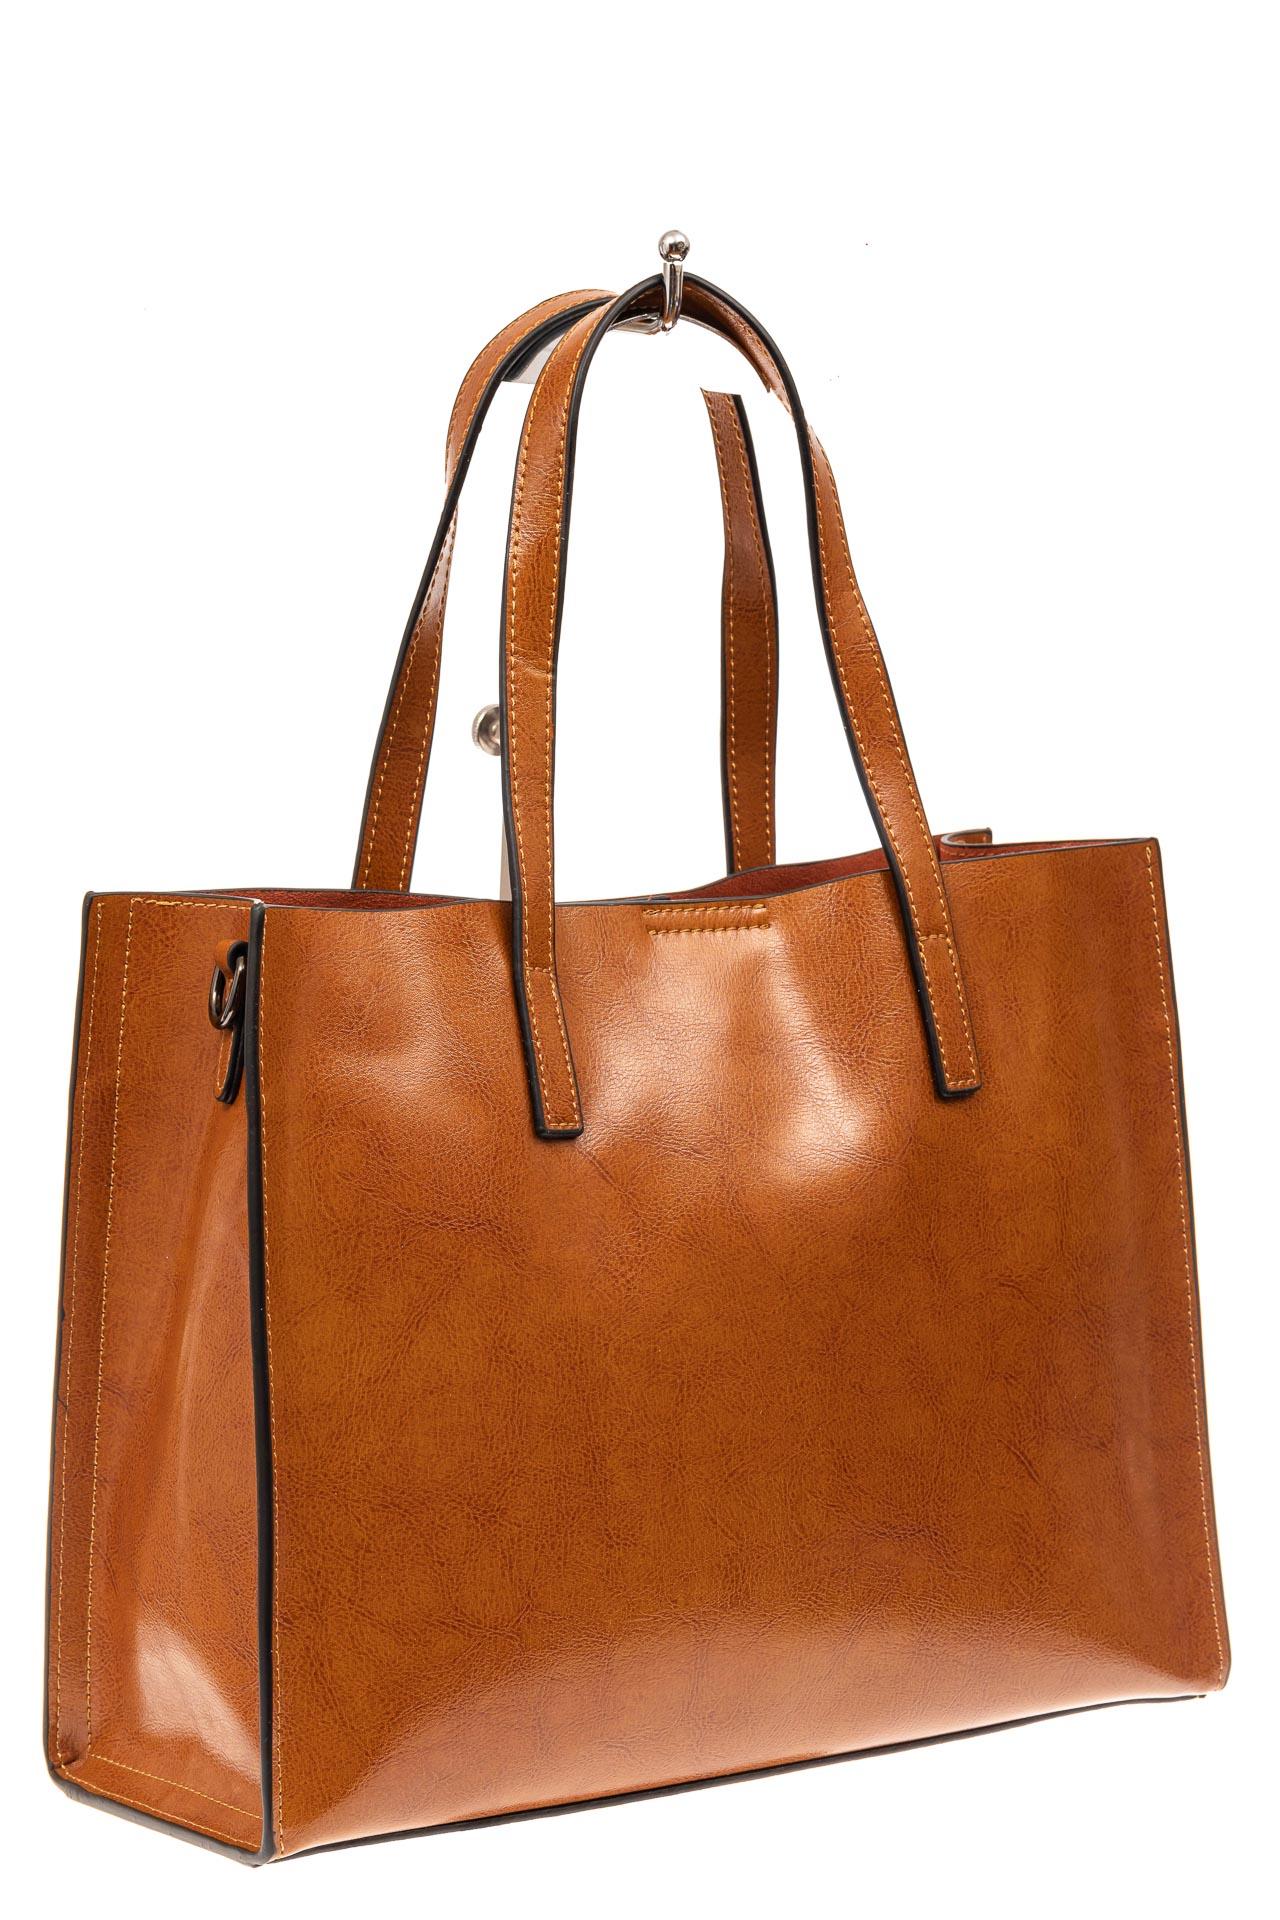 Женская сумка тоут из натуральной кожи, цвет рыжий910NK0520/5